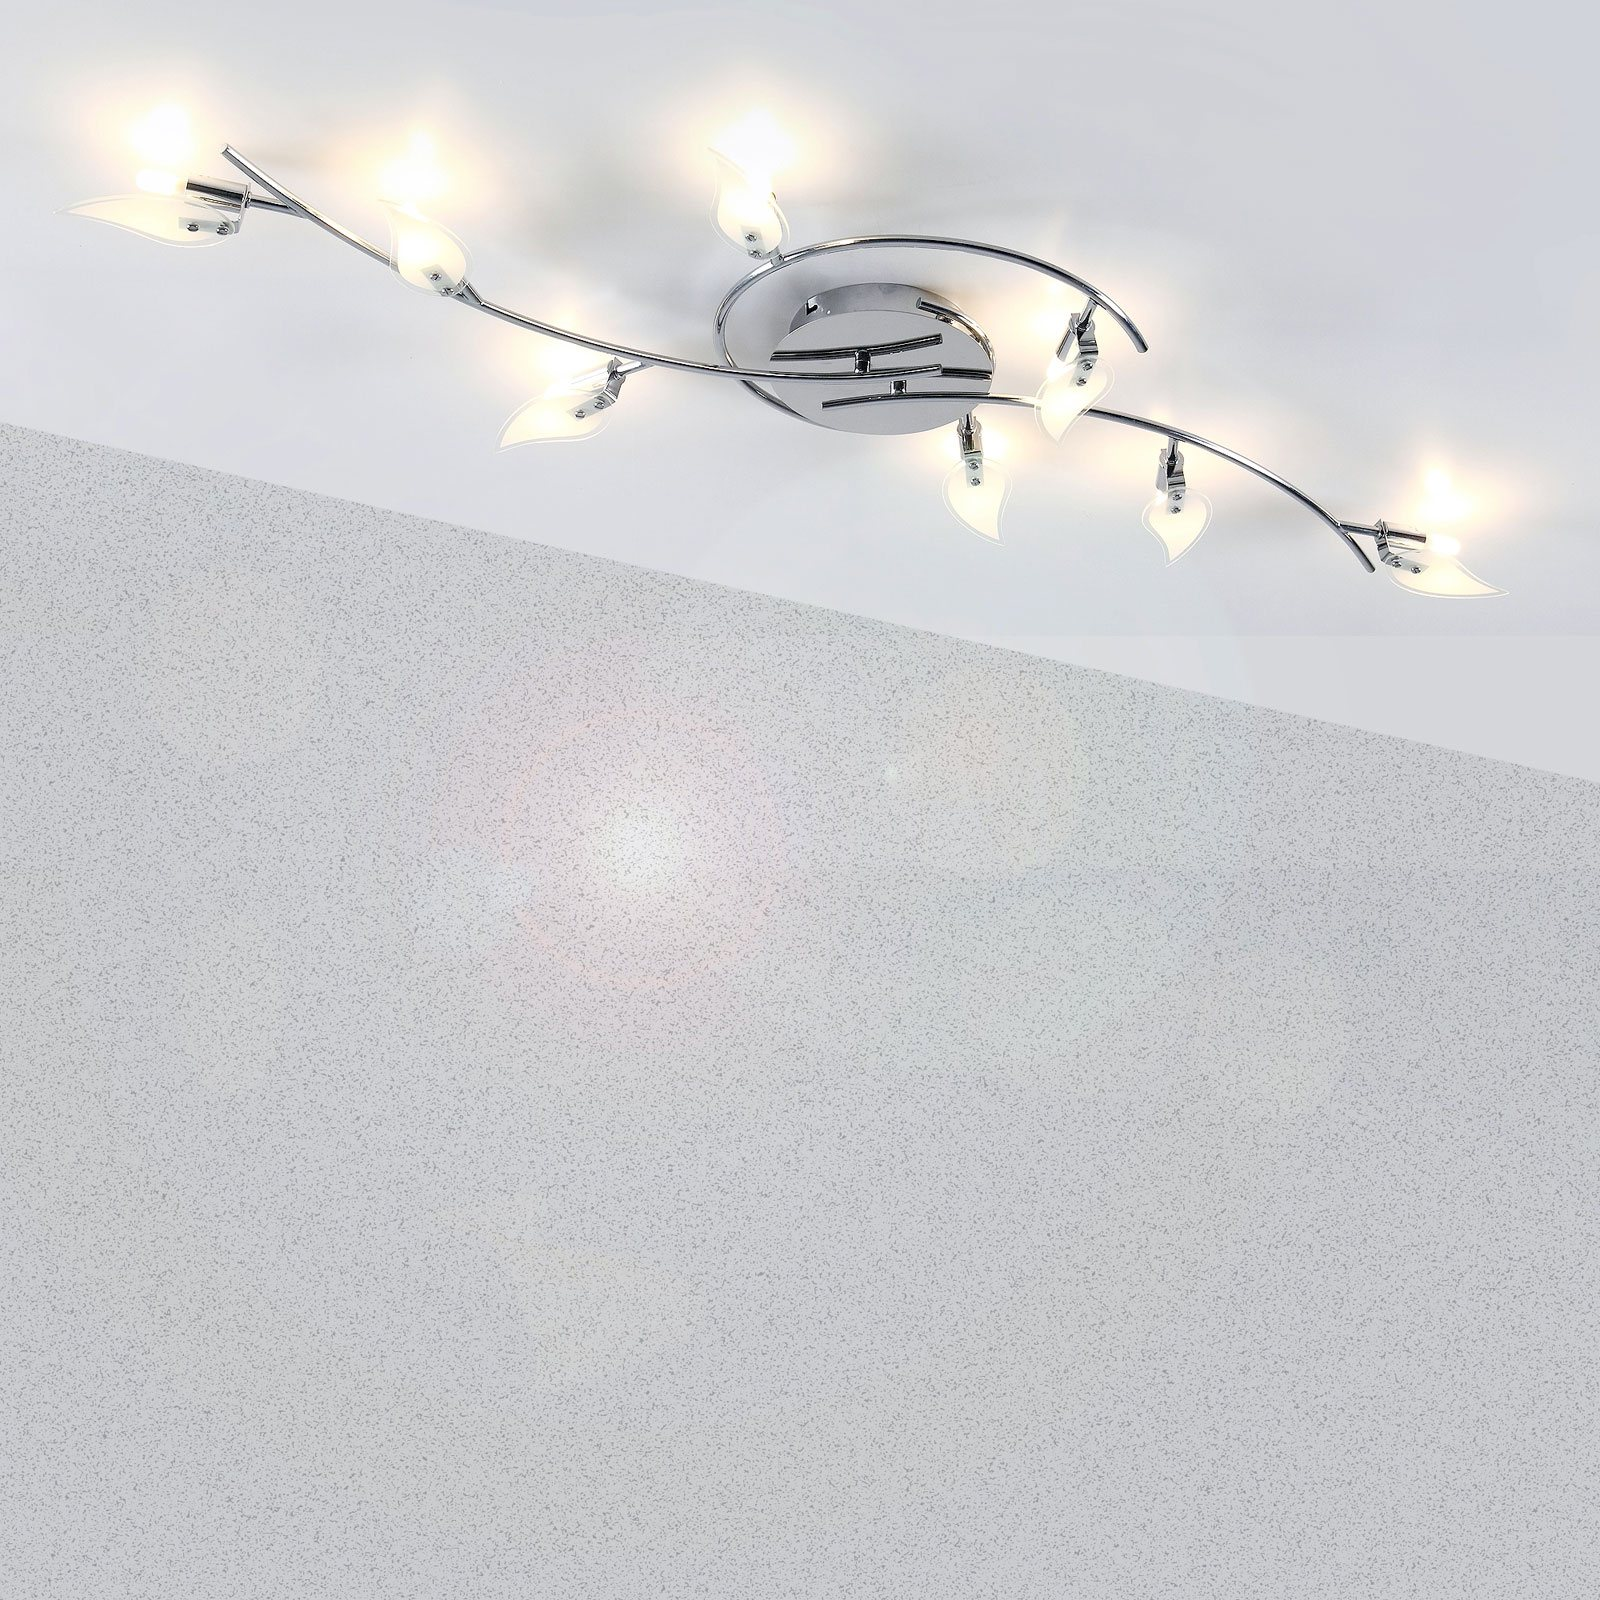 Full Size of Wohnzimmer Deckenlampe Dimmbar Ikea Deckenleuchte Holz Led Mit Fernbedienung Deckenlampen Modern Moderne 8 Flammige Im St Form Design Deckenstrahler Lampe Wohnzimmer Wohnzimmer Deckenlampe